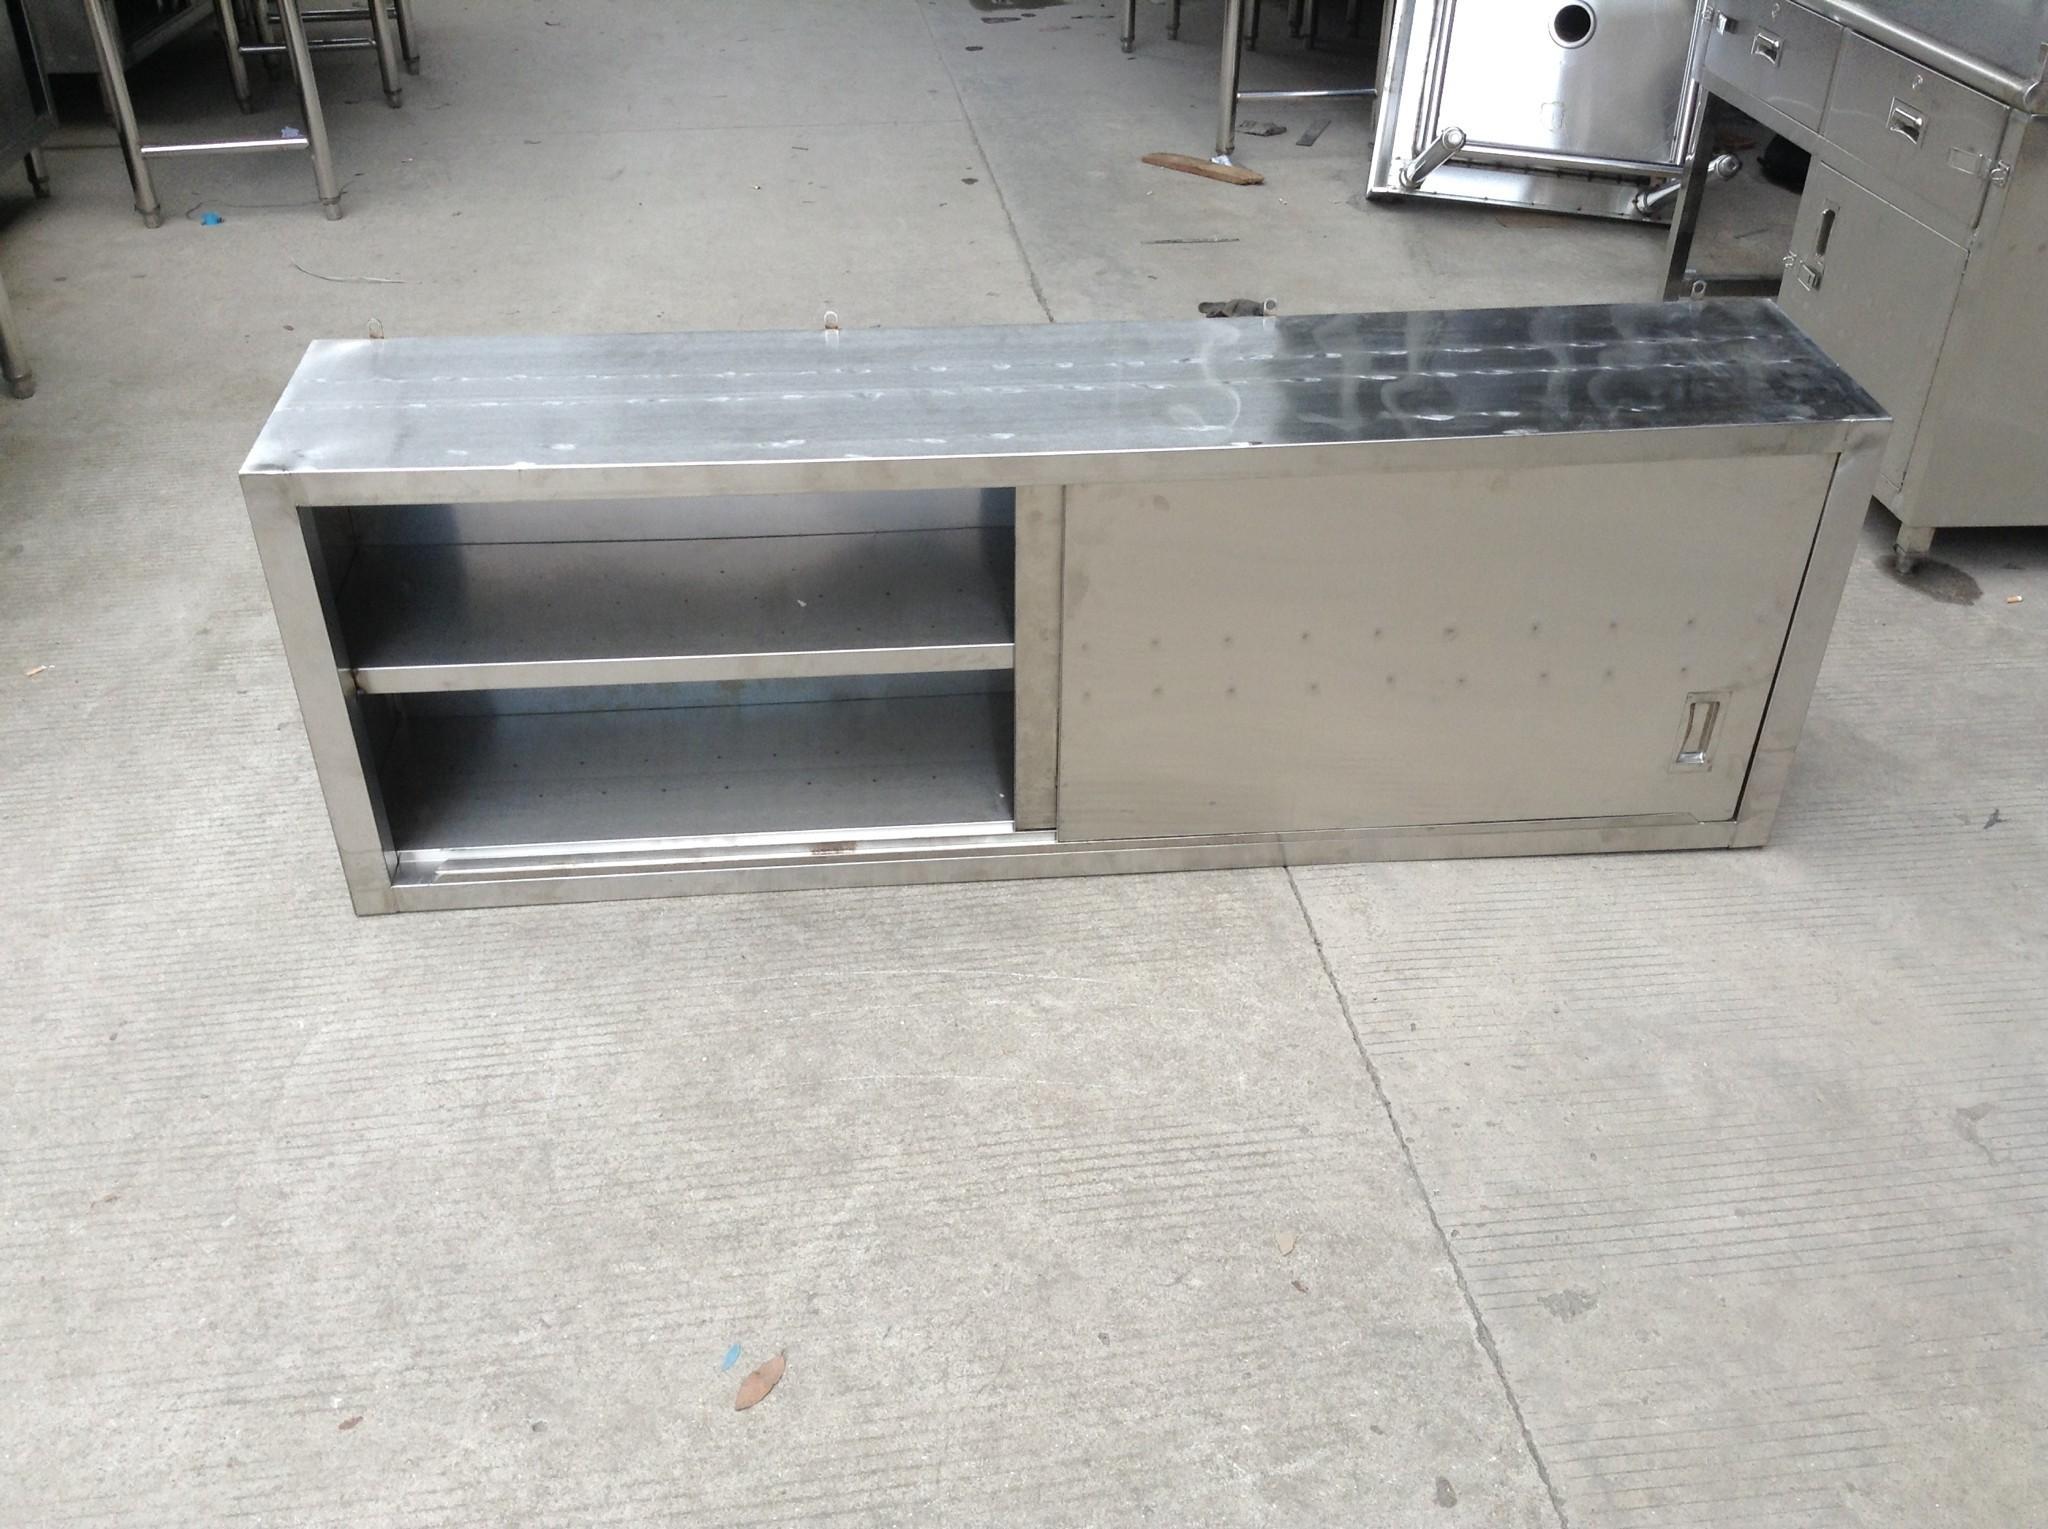 不鏽鋼 碗櫃 廚房櫃 衛生間三角櫃 儲物櫃 簡易廚櫃 吊櫃 轉角櫃